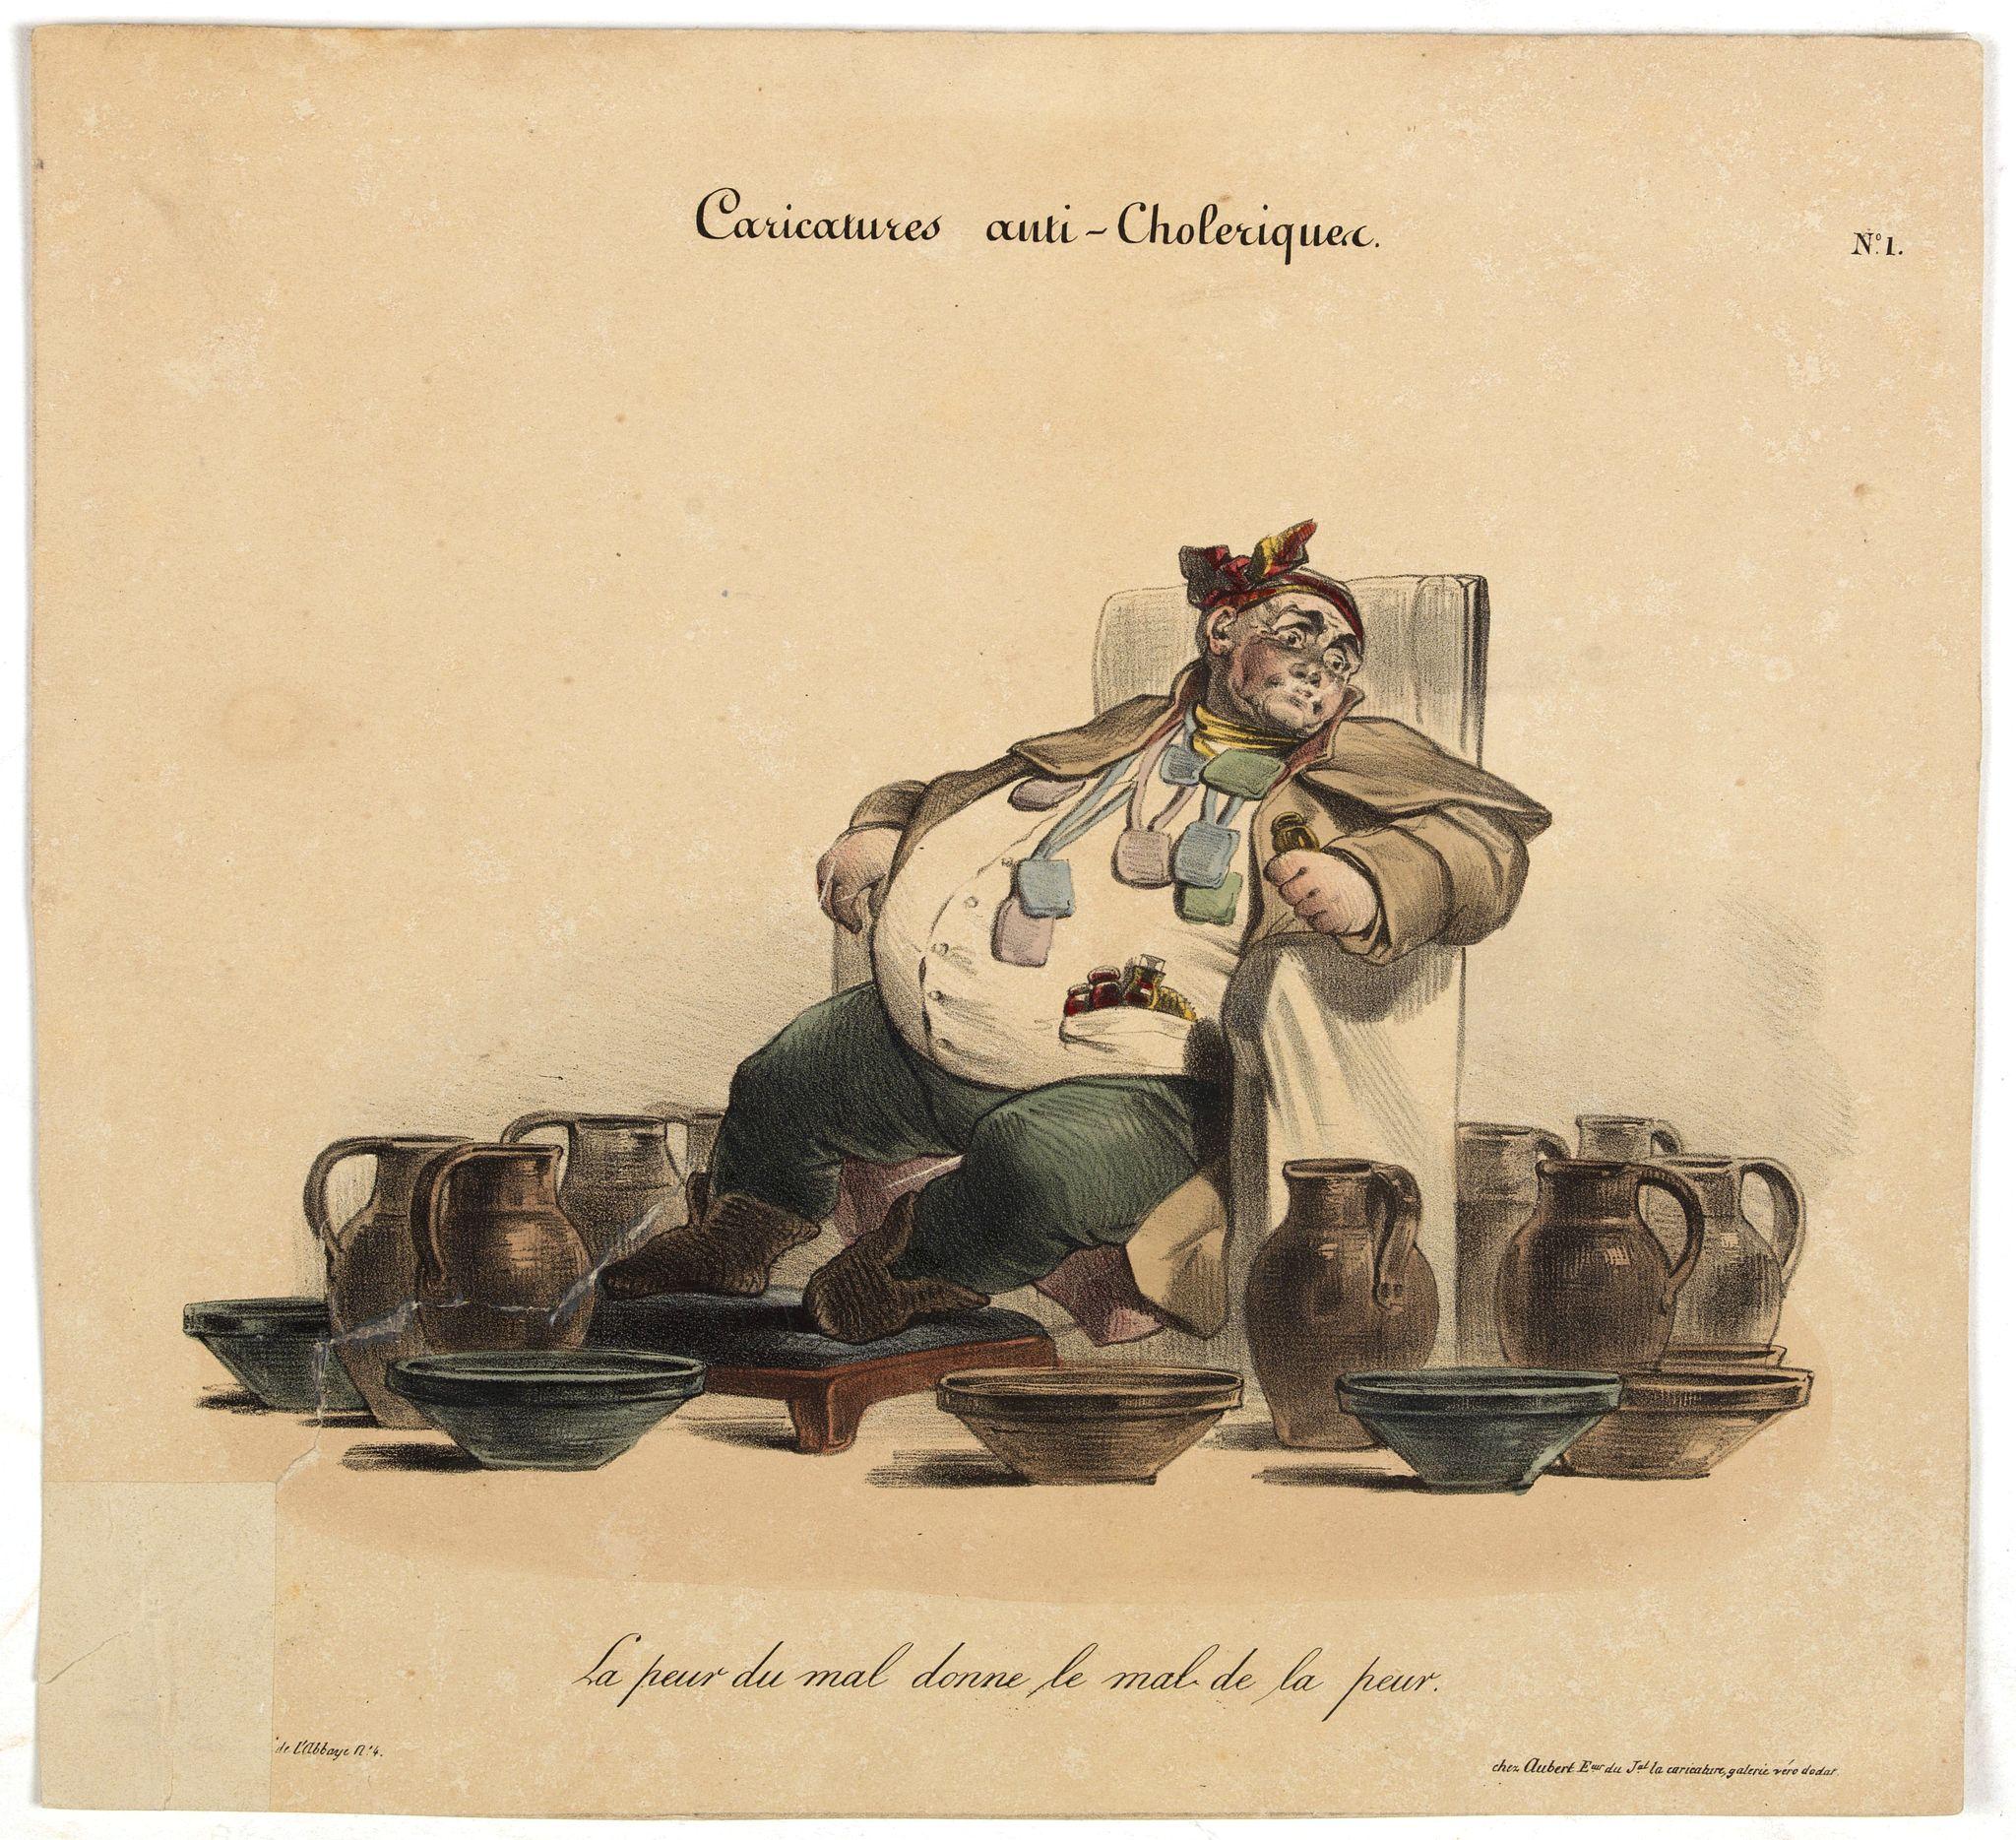 AUBERT, B. -  Caricature anti-cholérique La peur du mal donne le mal de la peur. (pl 1)